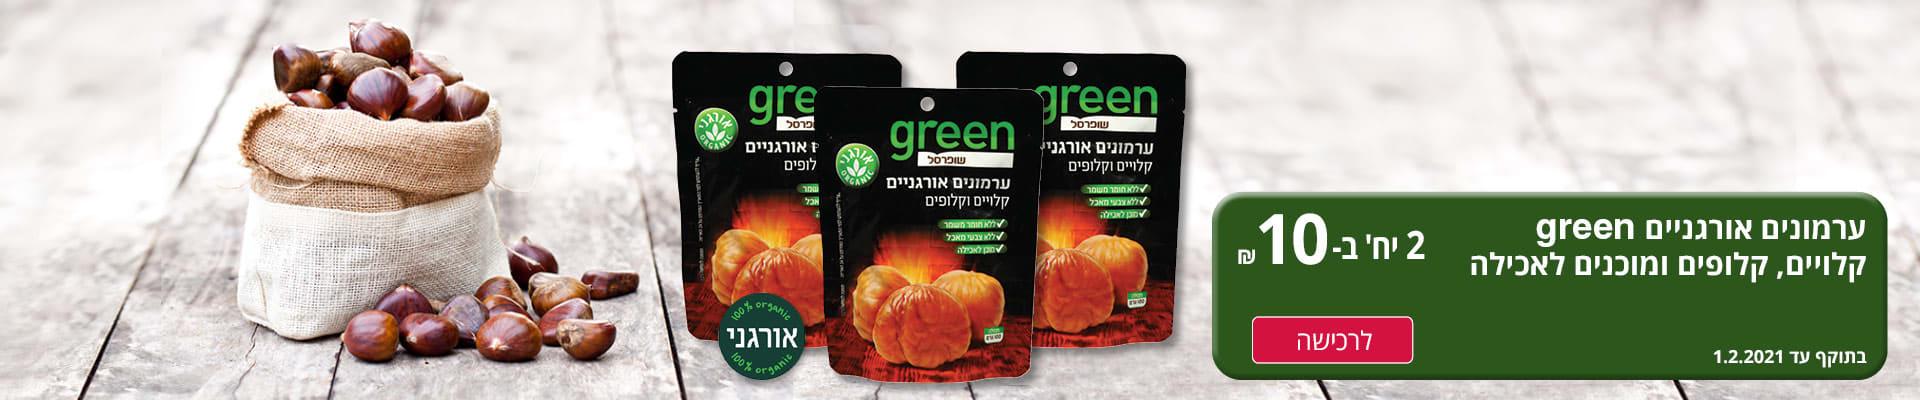 ערמונים אורגניים green קלויים , קלופים, ומוכנים לאכילה 2 יח' ב- 10 ₪ לרכישה בתוקף עד 1.2.2021